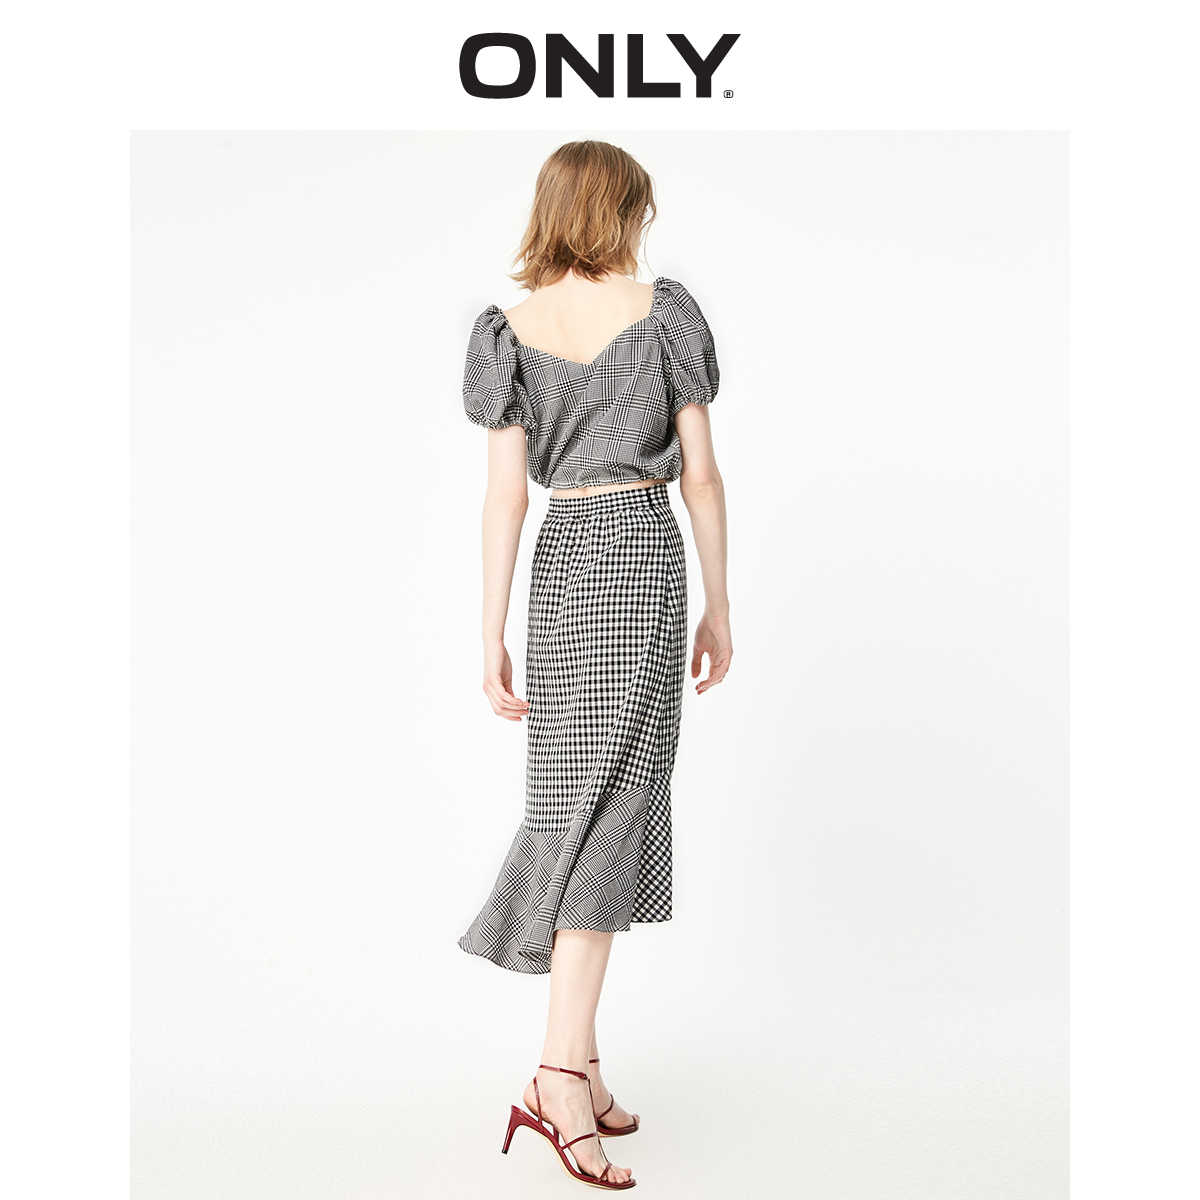 فقط ربيع صيف جديد النمط الفرنسي فحص فستان بتصميم بدلة | 119107646